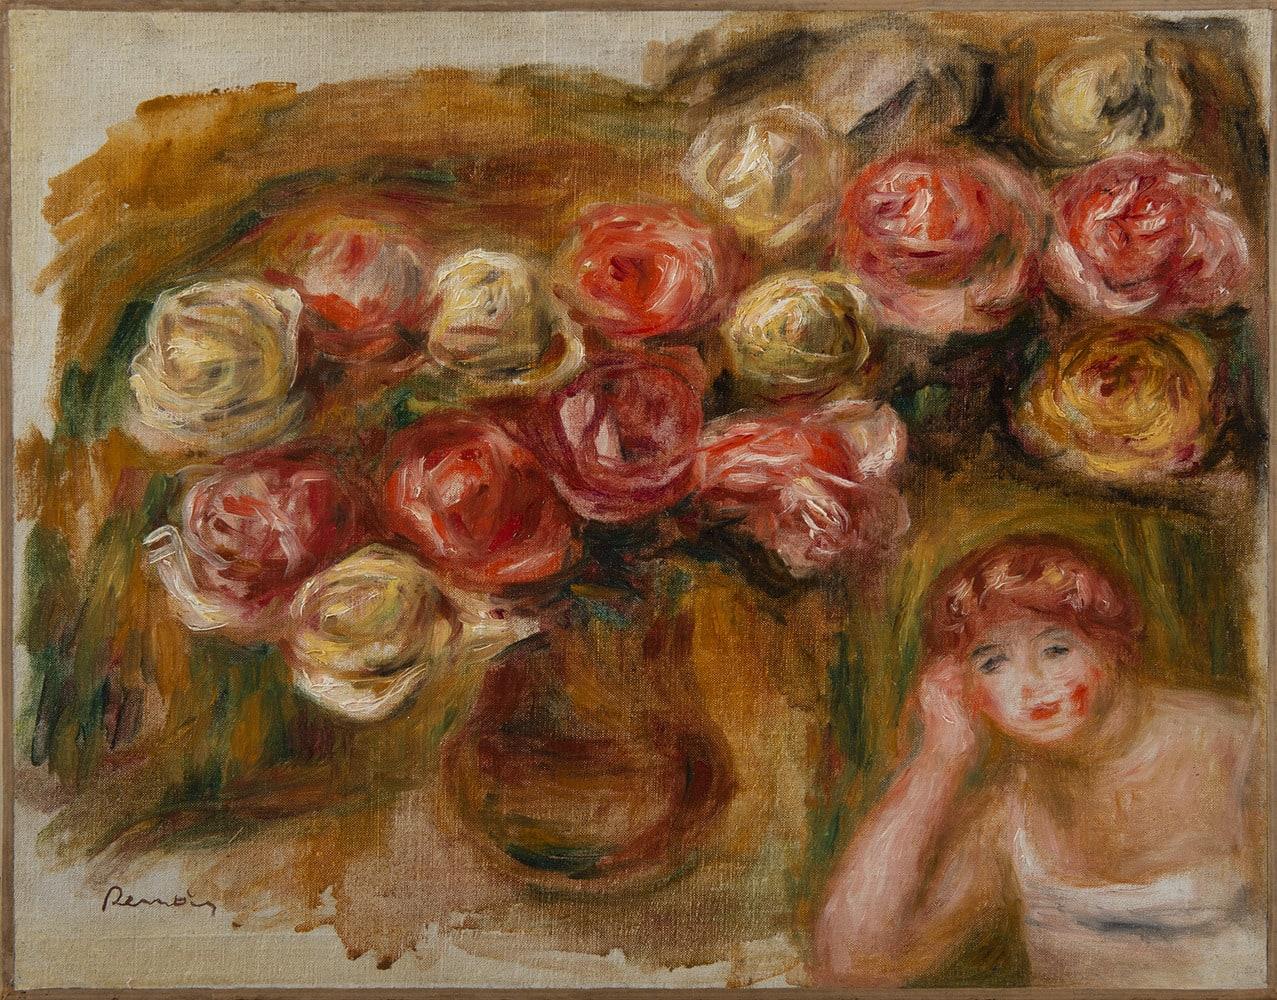 PIERRE-AUGUSTE RENOIR, Étude de femme et de fleurs, circa 1915